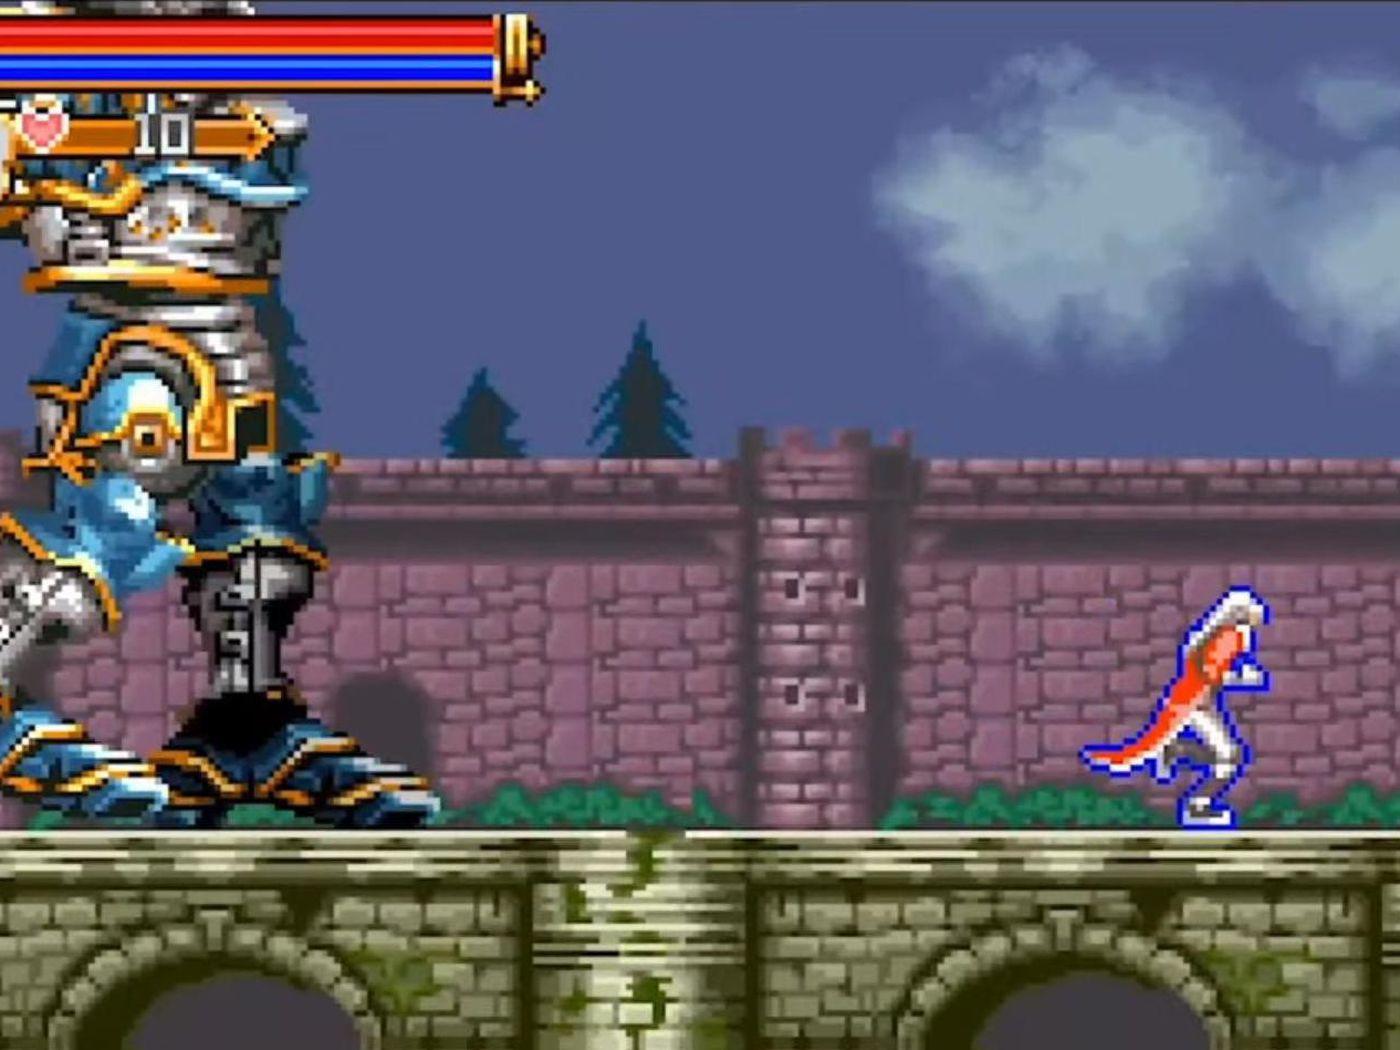 Castlevania Advance Collection вышла на консолях и ПК (Ttj5CF7)